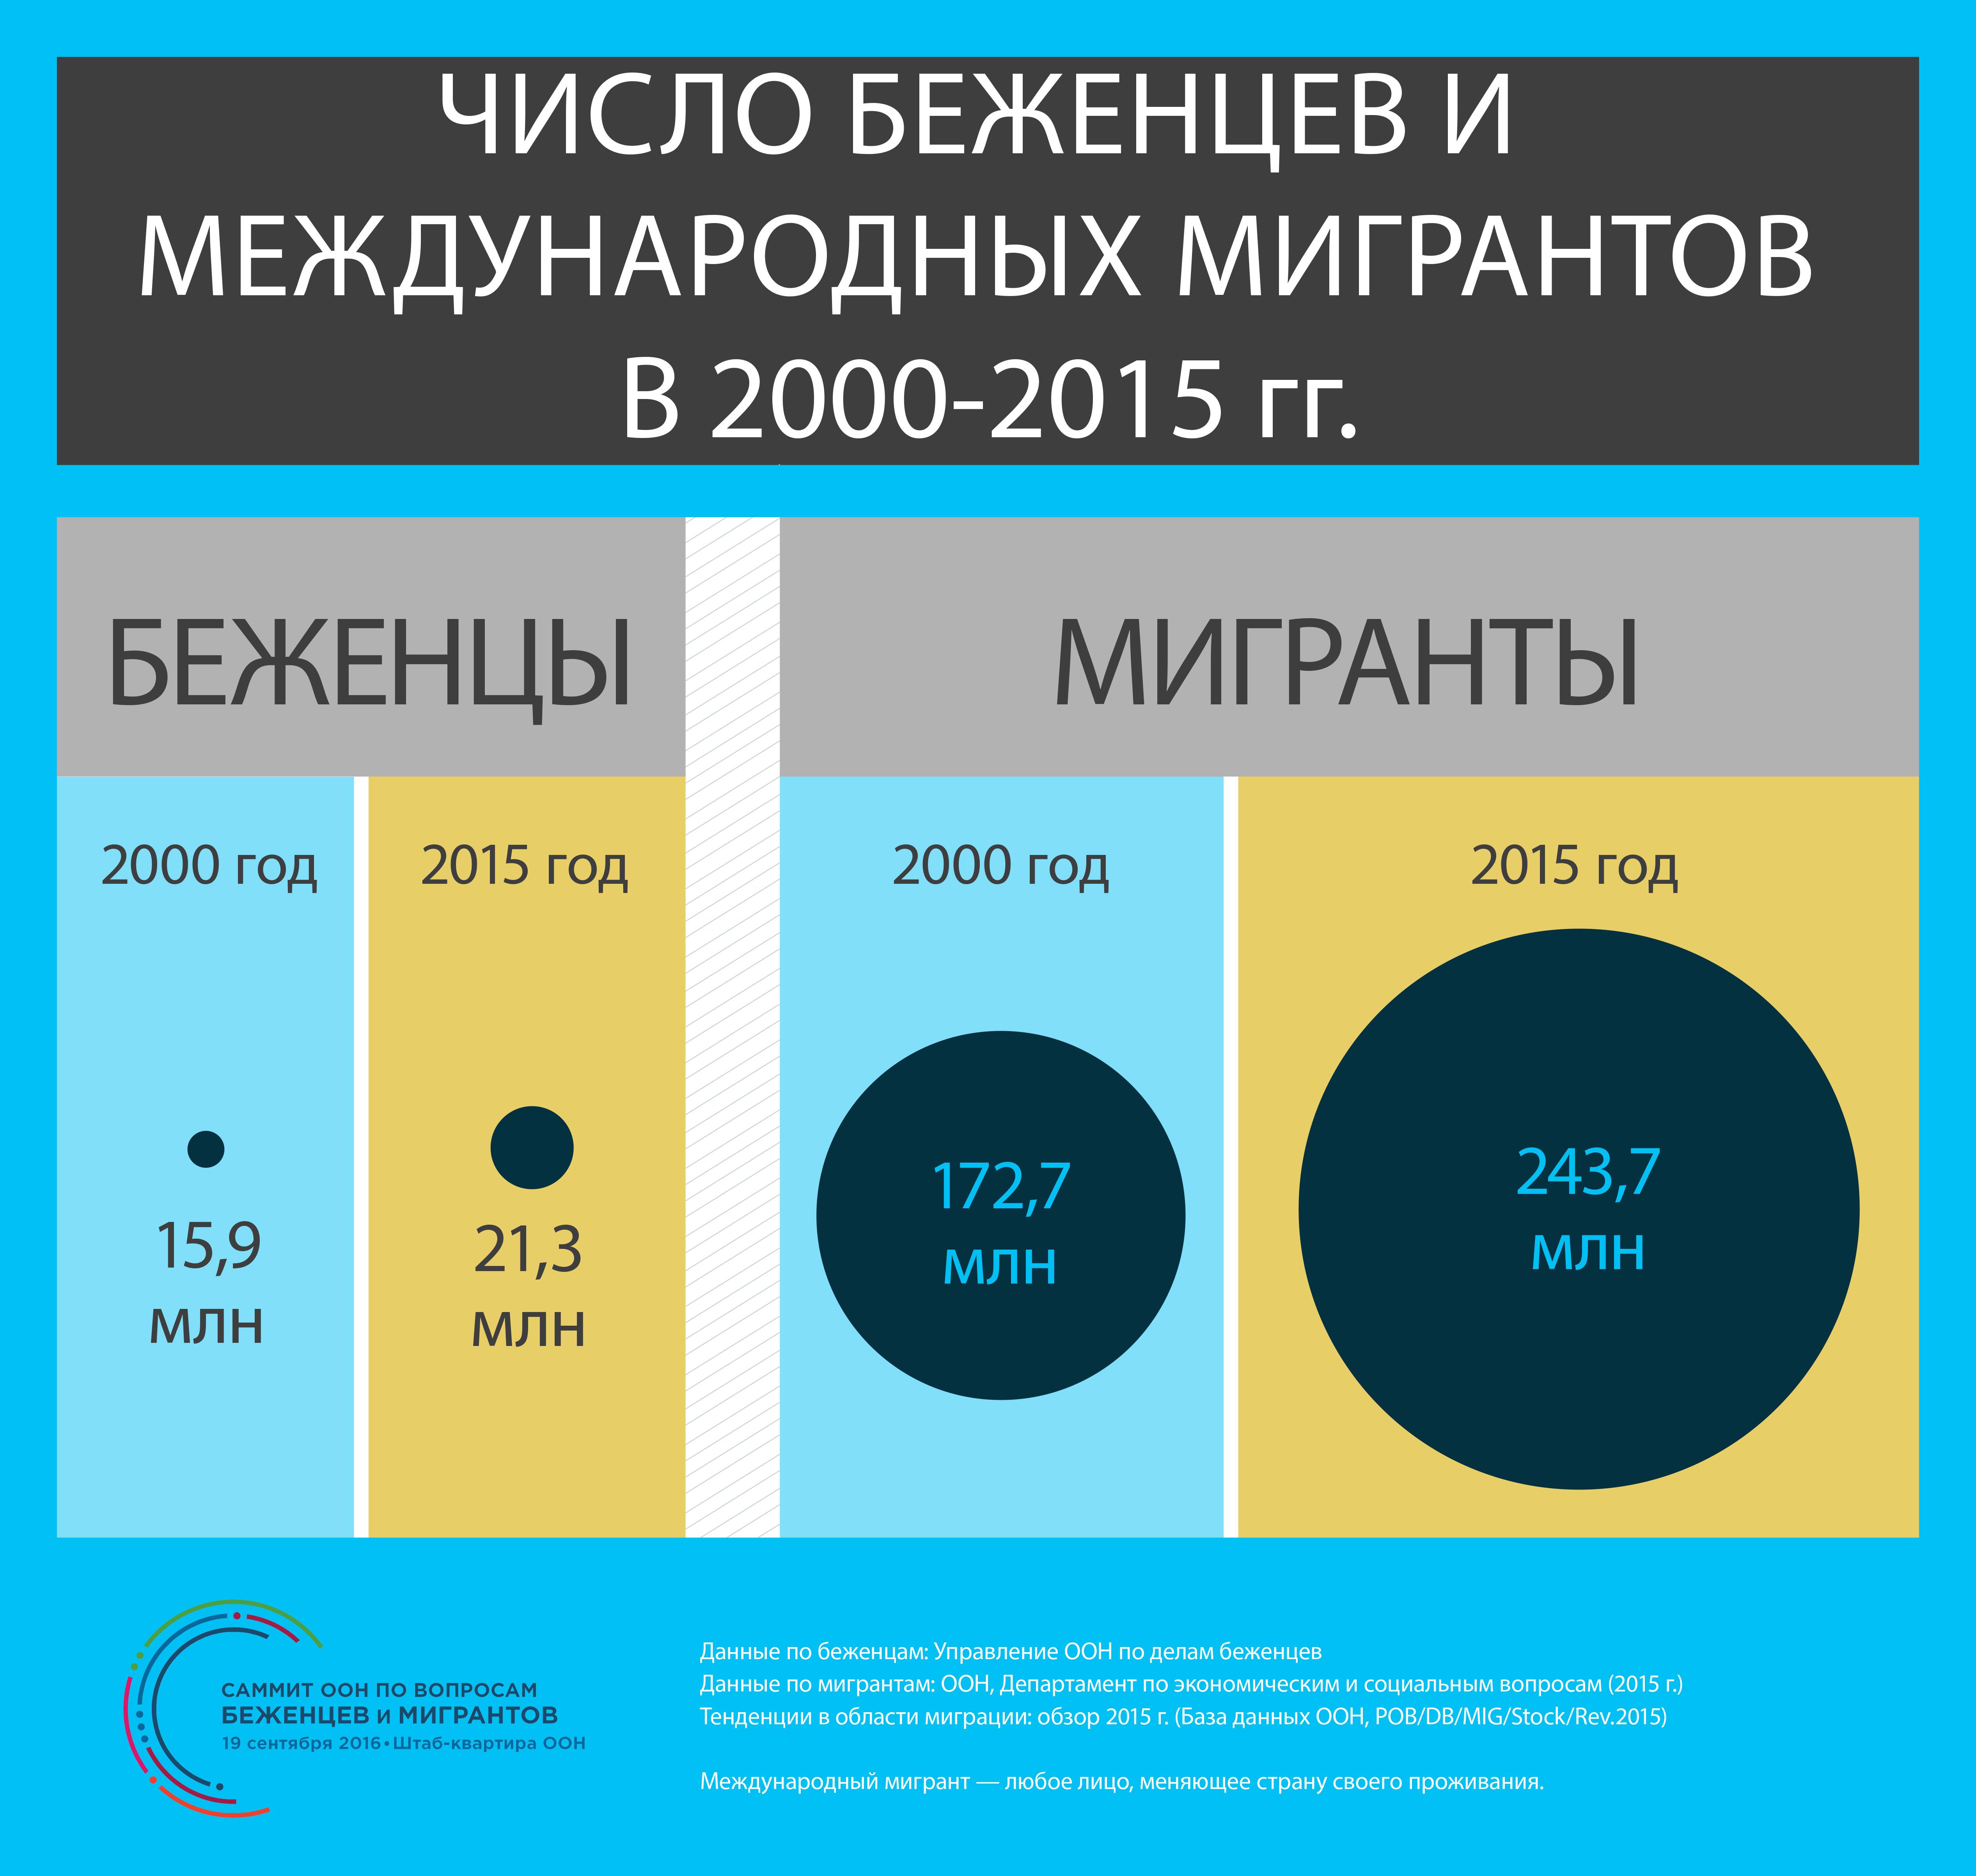 Инфографика Число беженцев и мигрантов в 2000-2015 годах